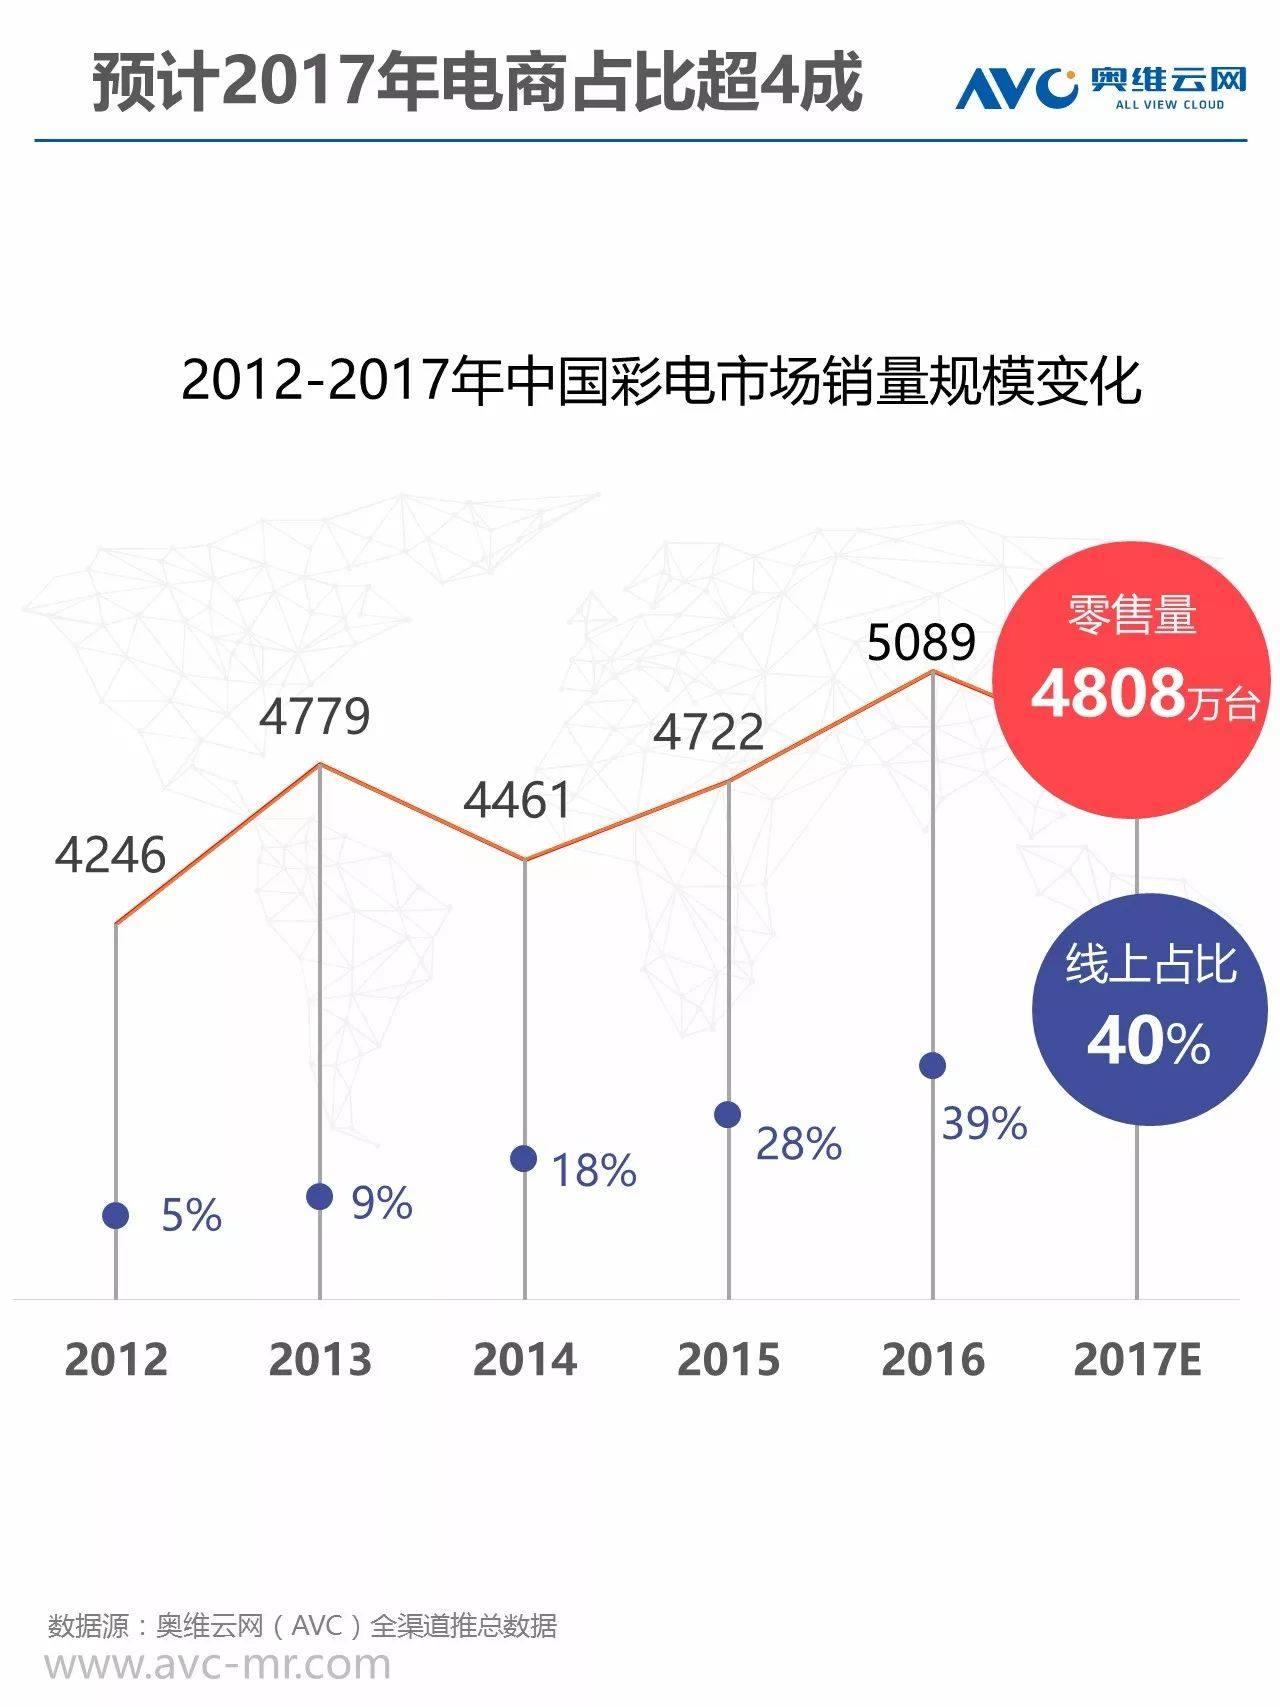 奥维云网发布《2017双12彩电市场消费报告》